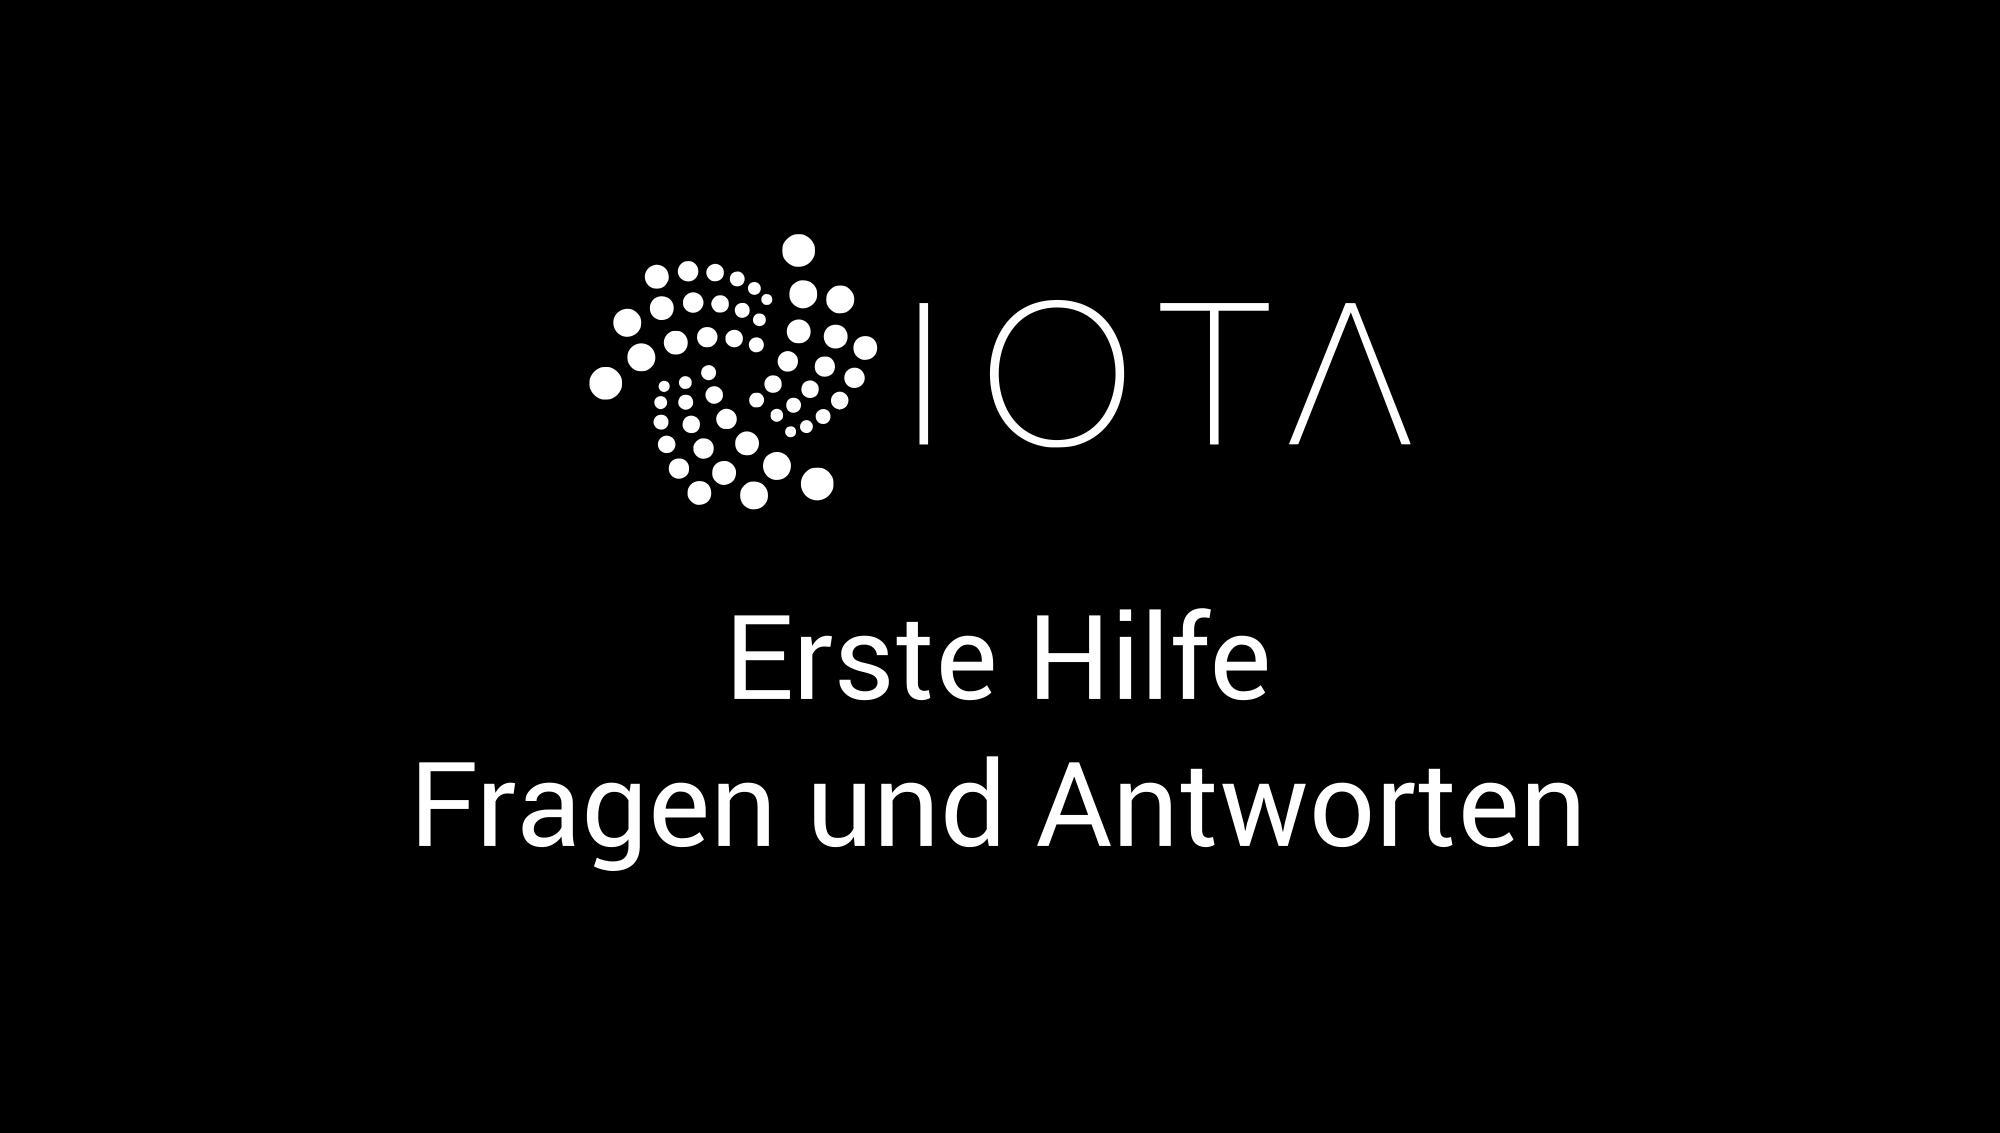 Implementation/docs/wp-content/uploads/2017/12/iota-faq.png